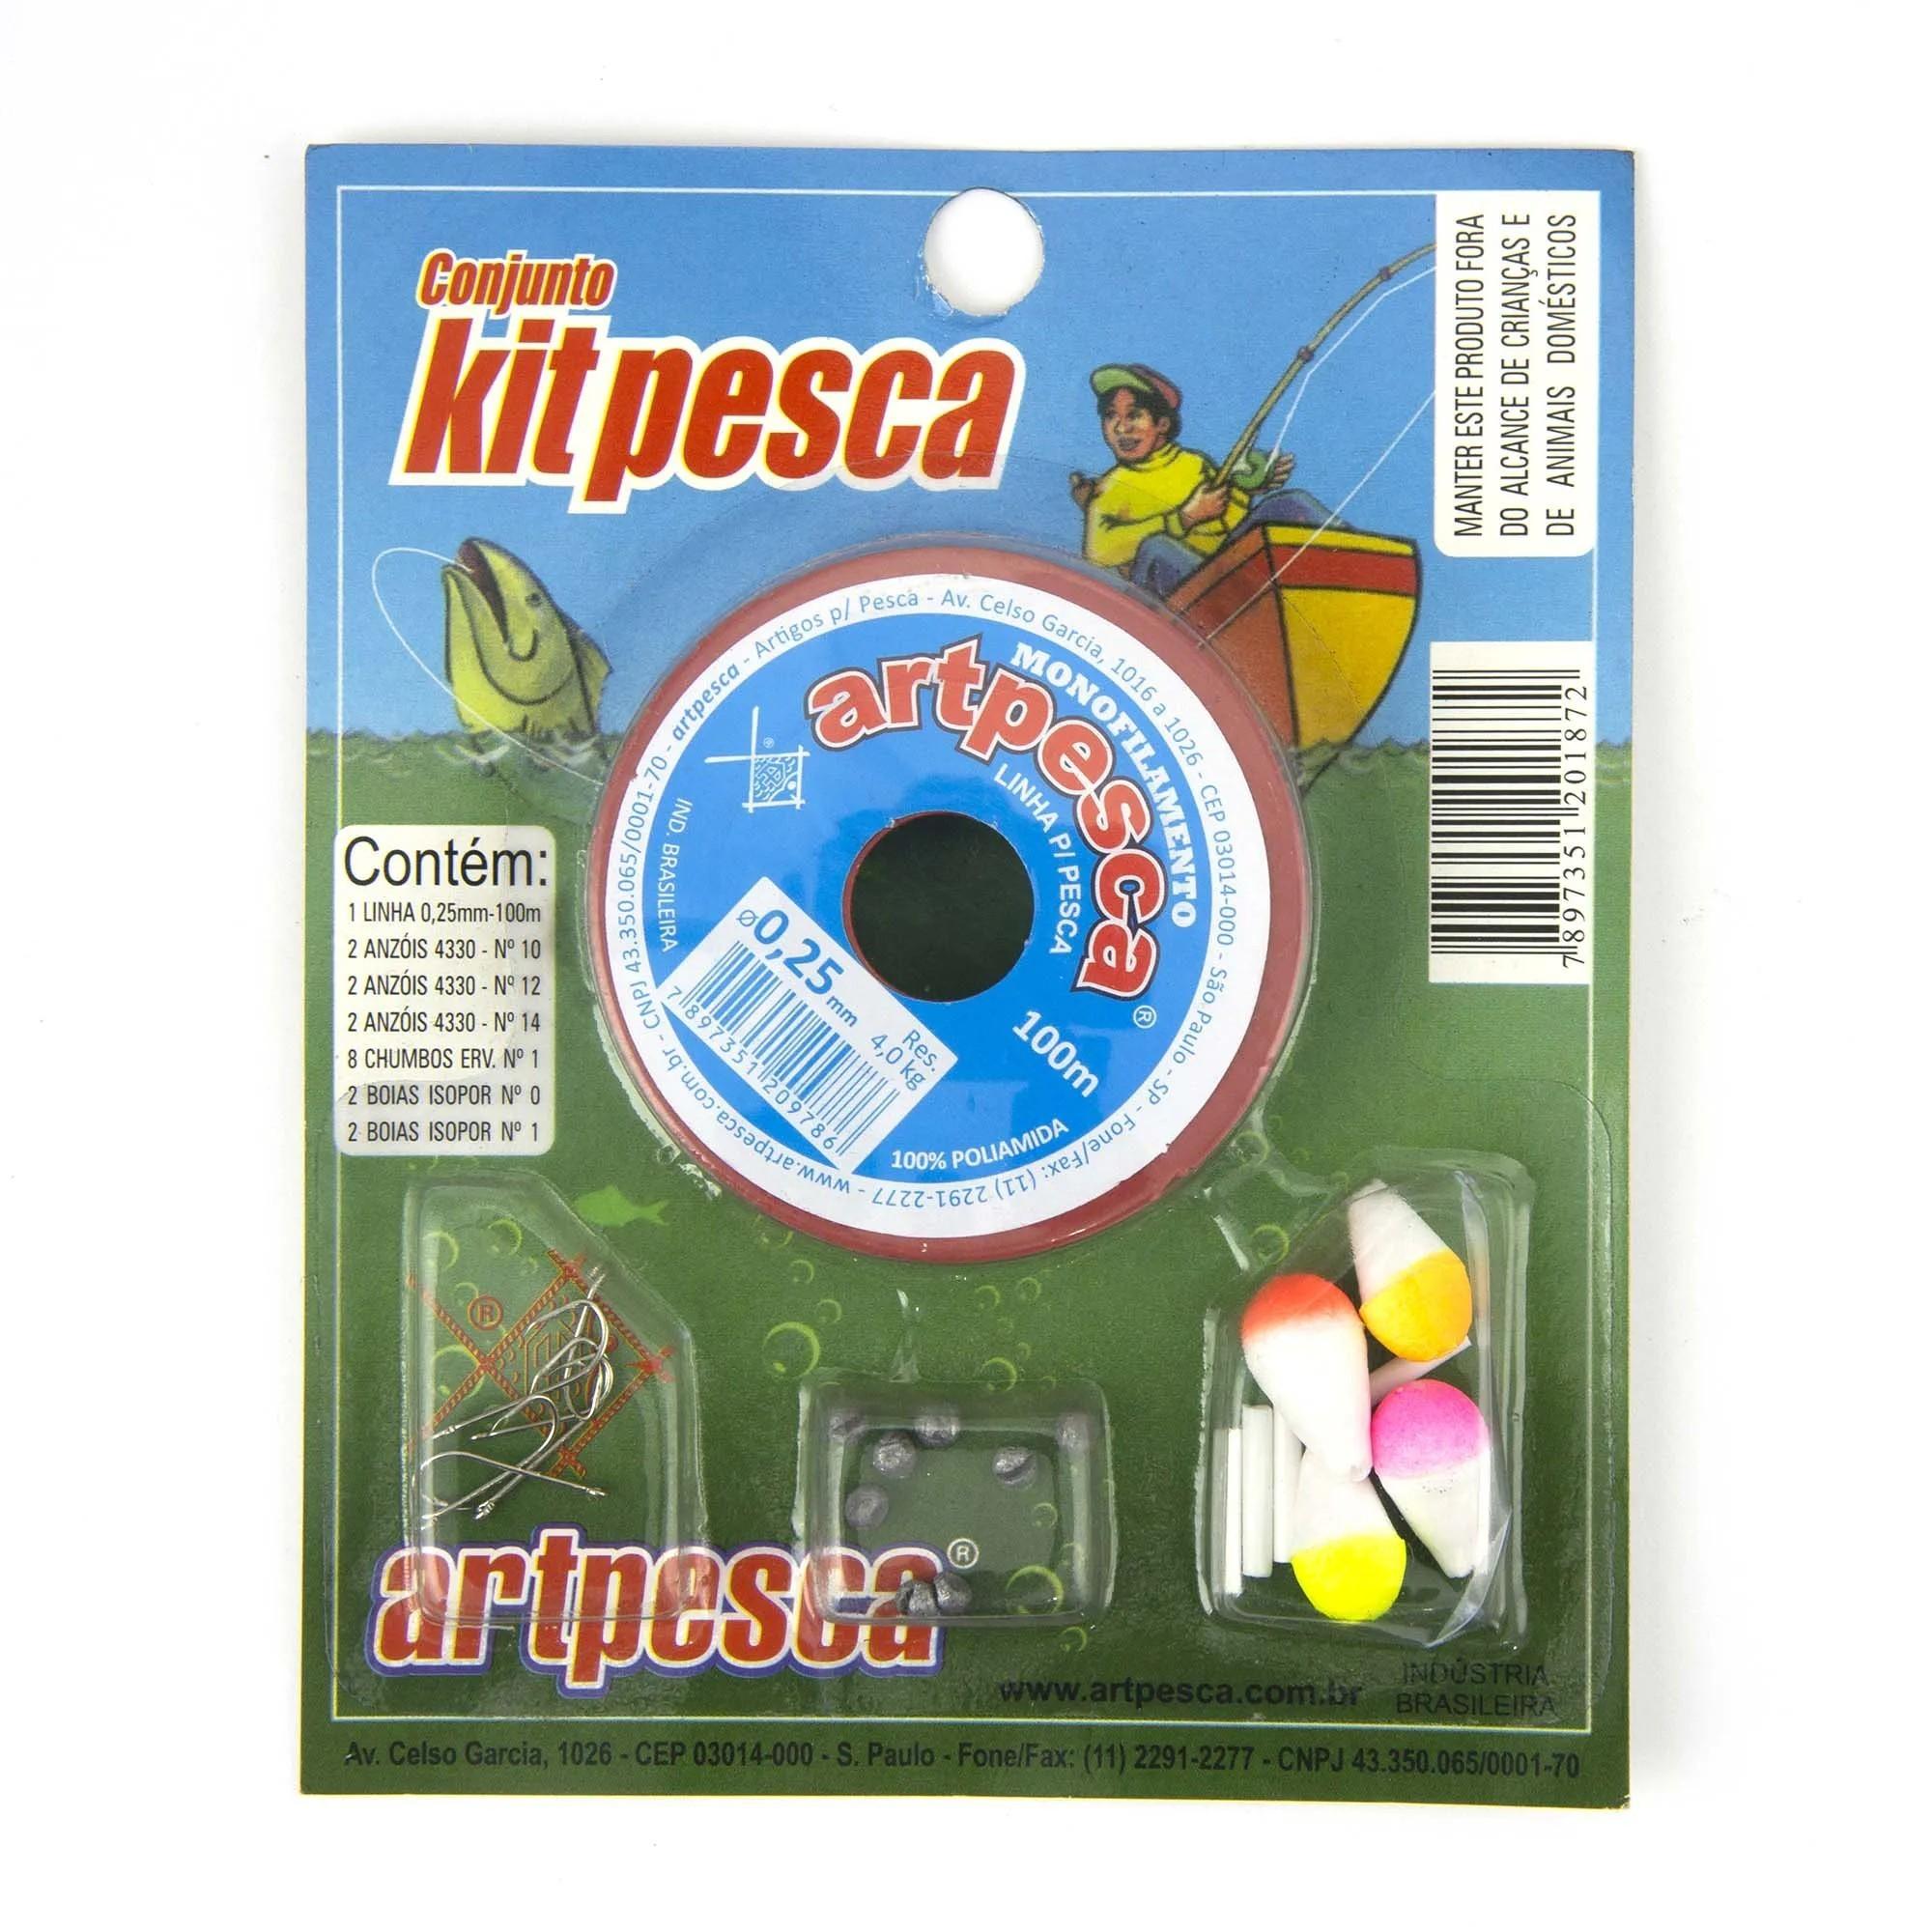 Conjunto Kit Pesca Artpesca 0,25  - Artpesca